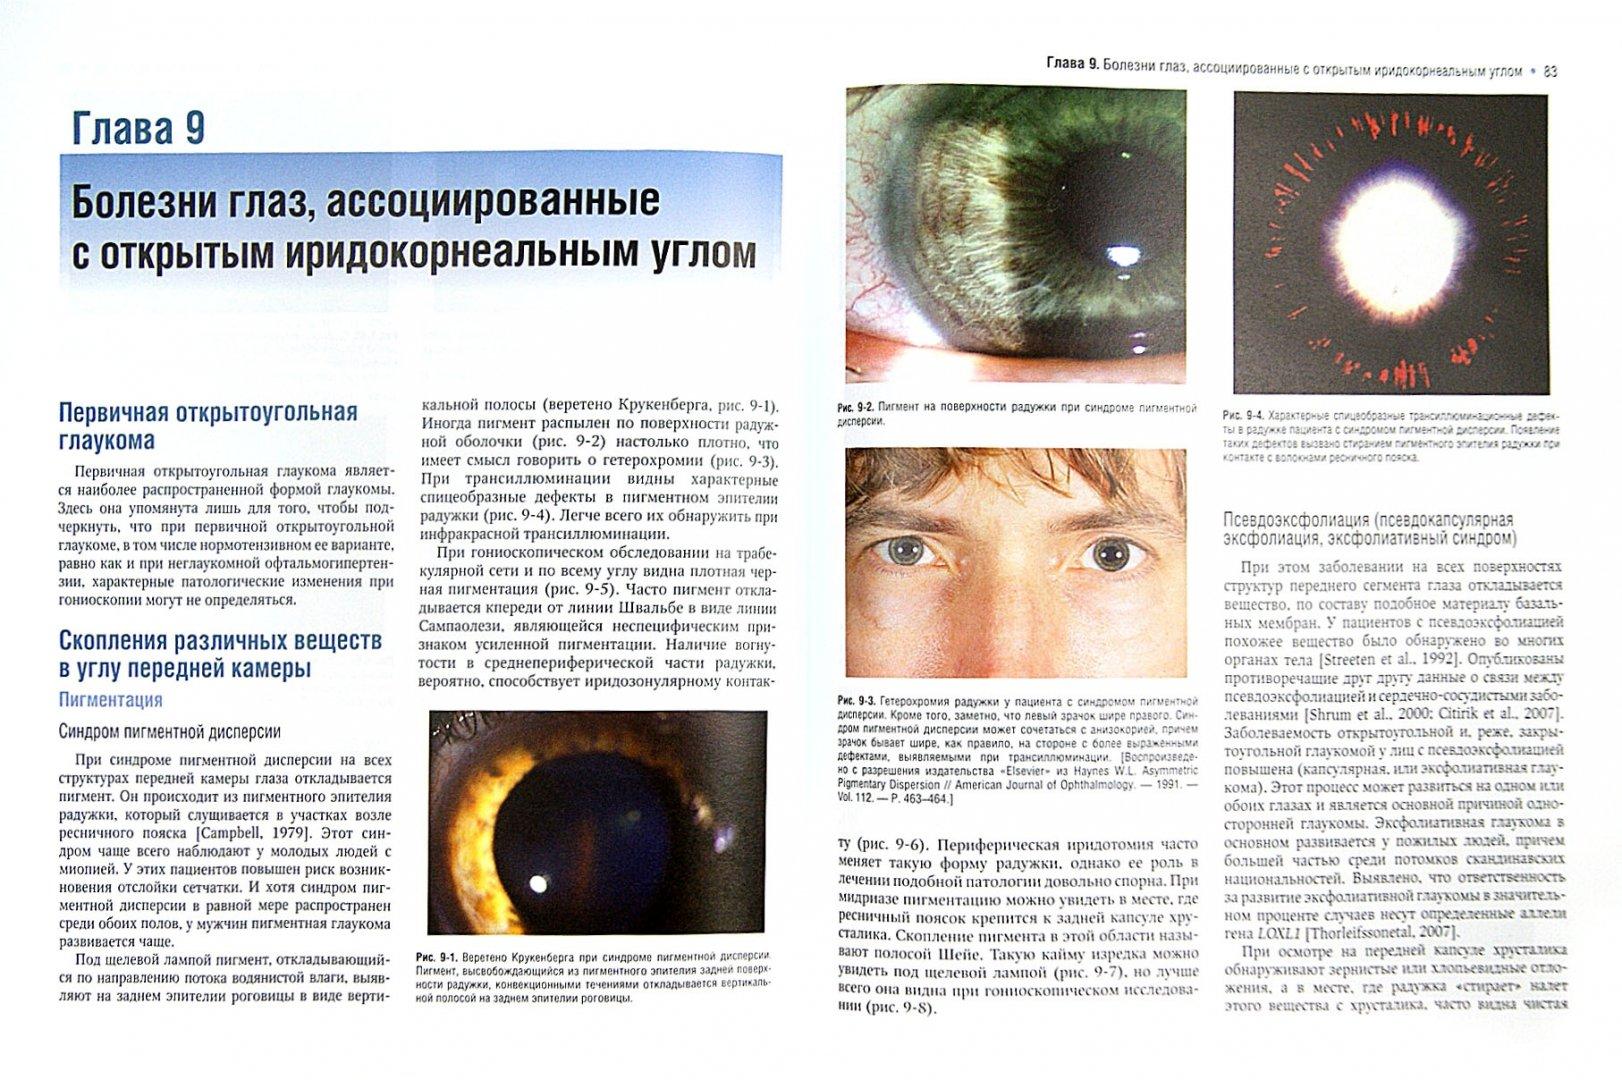 Иллюстрация 1 из 13 для Атлас по гониоскопии (+CD) - Олвэрд, Лонгмуа | Лабиринт - книги. Источник: Лабиринт